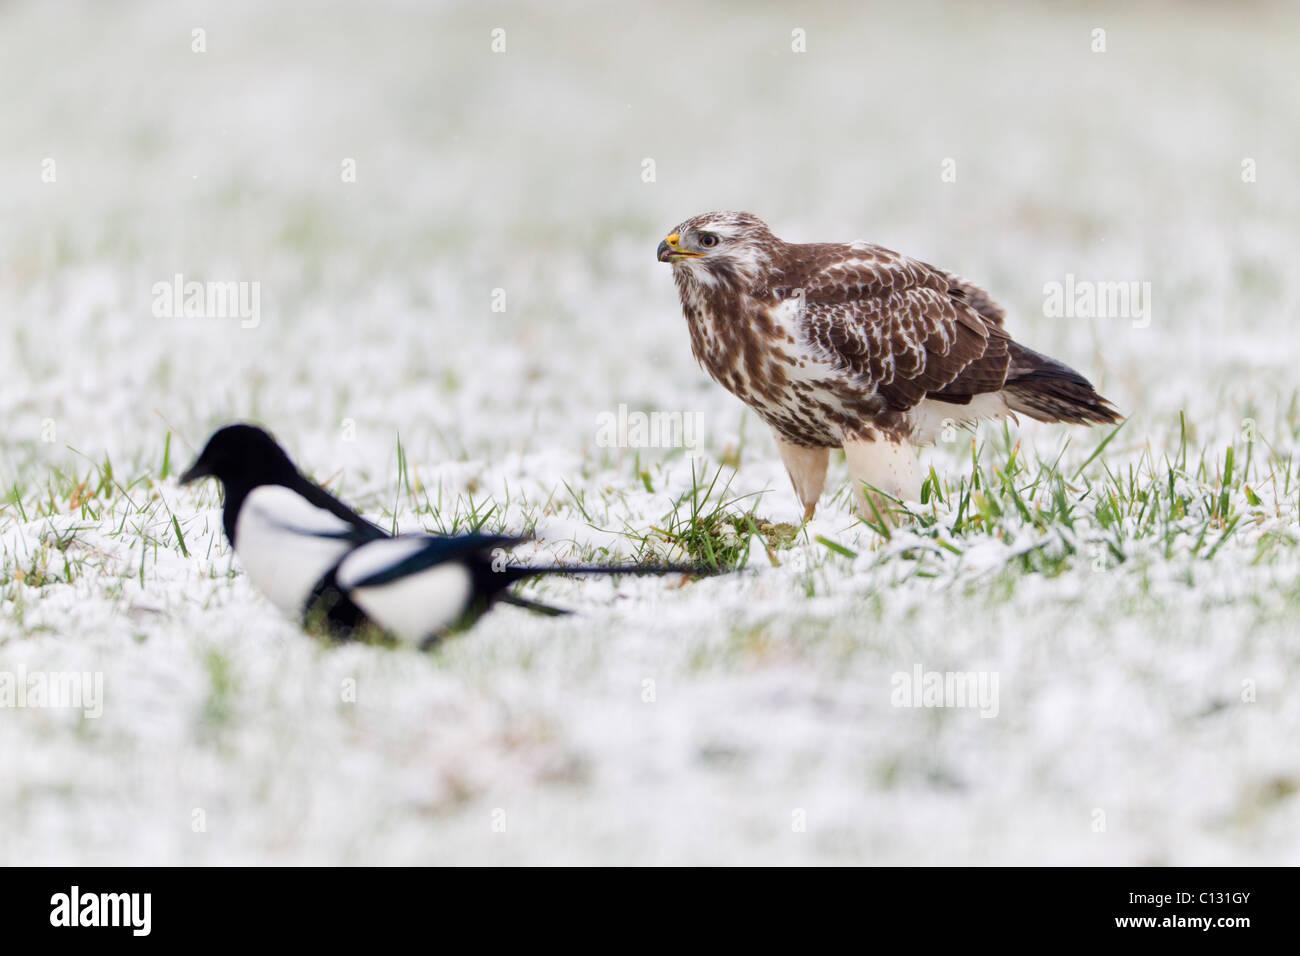 Mäusebussard (Buteo Buteo) und gemeinsame Elstern (Pica Pica), ernähren sich von AAS im Schnee Stockbild